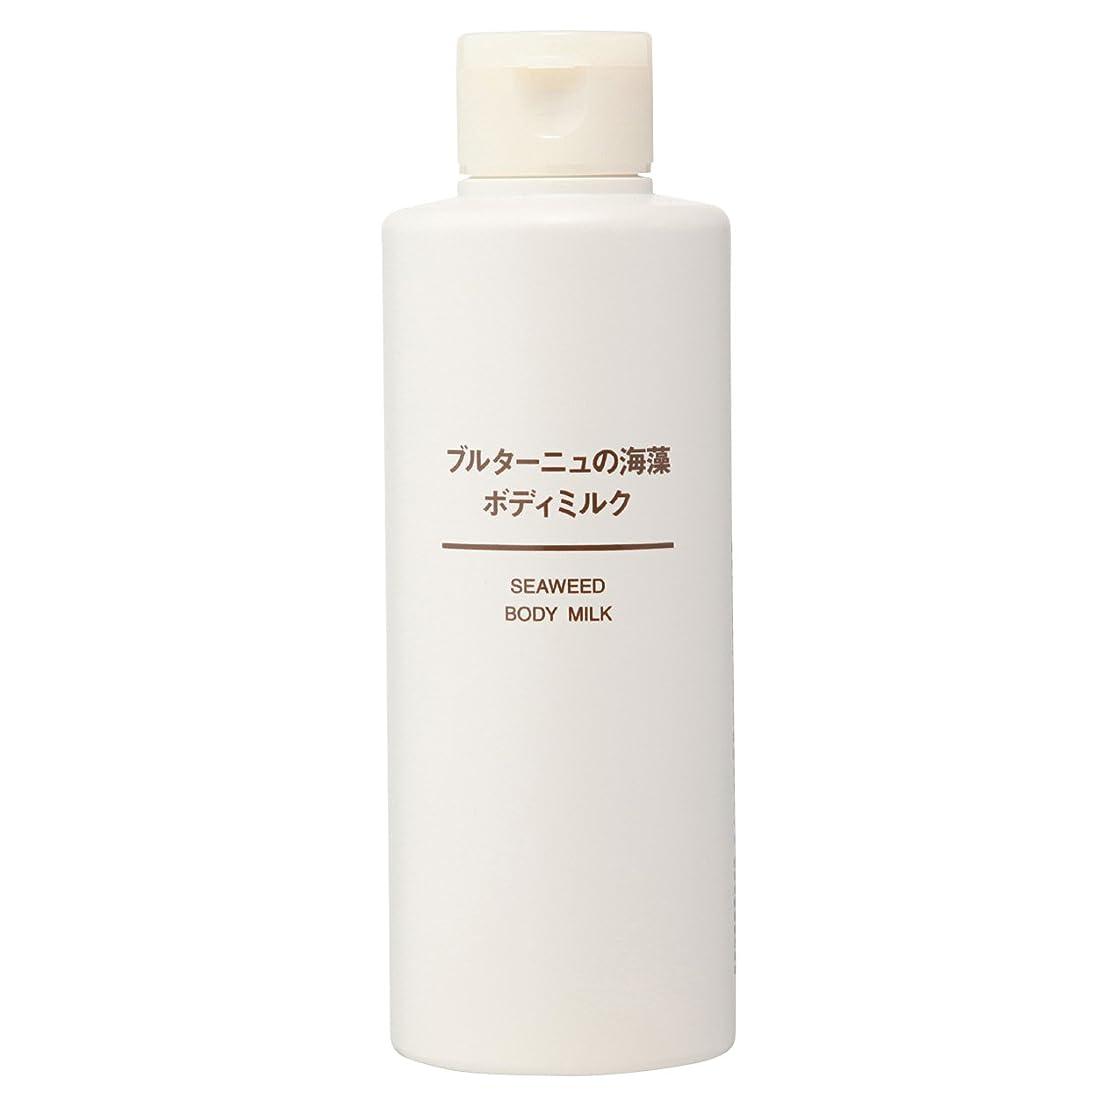 無印良品 ブルターニュの海藻 ボディミルク 200ml 日本製